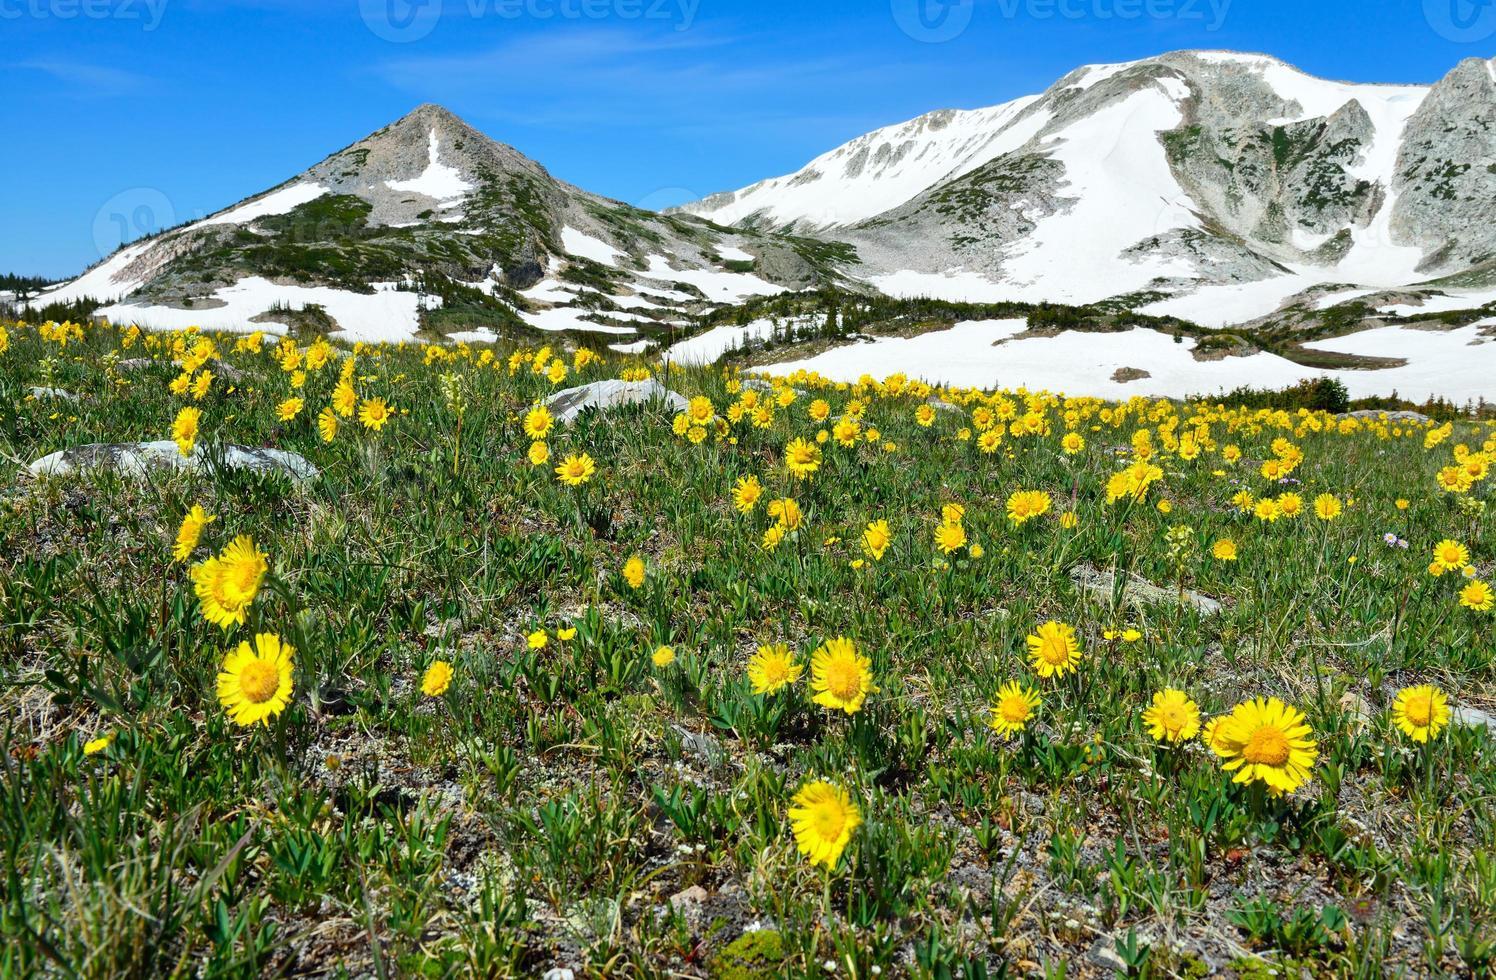 alpin äng med vilda blommor i snöiga bergsområden foto